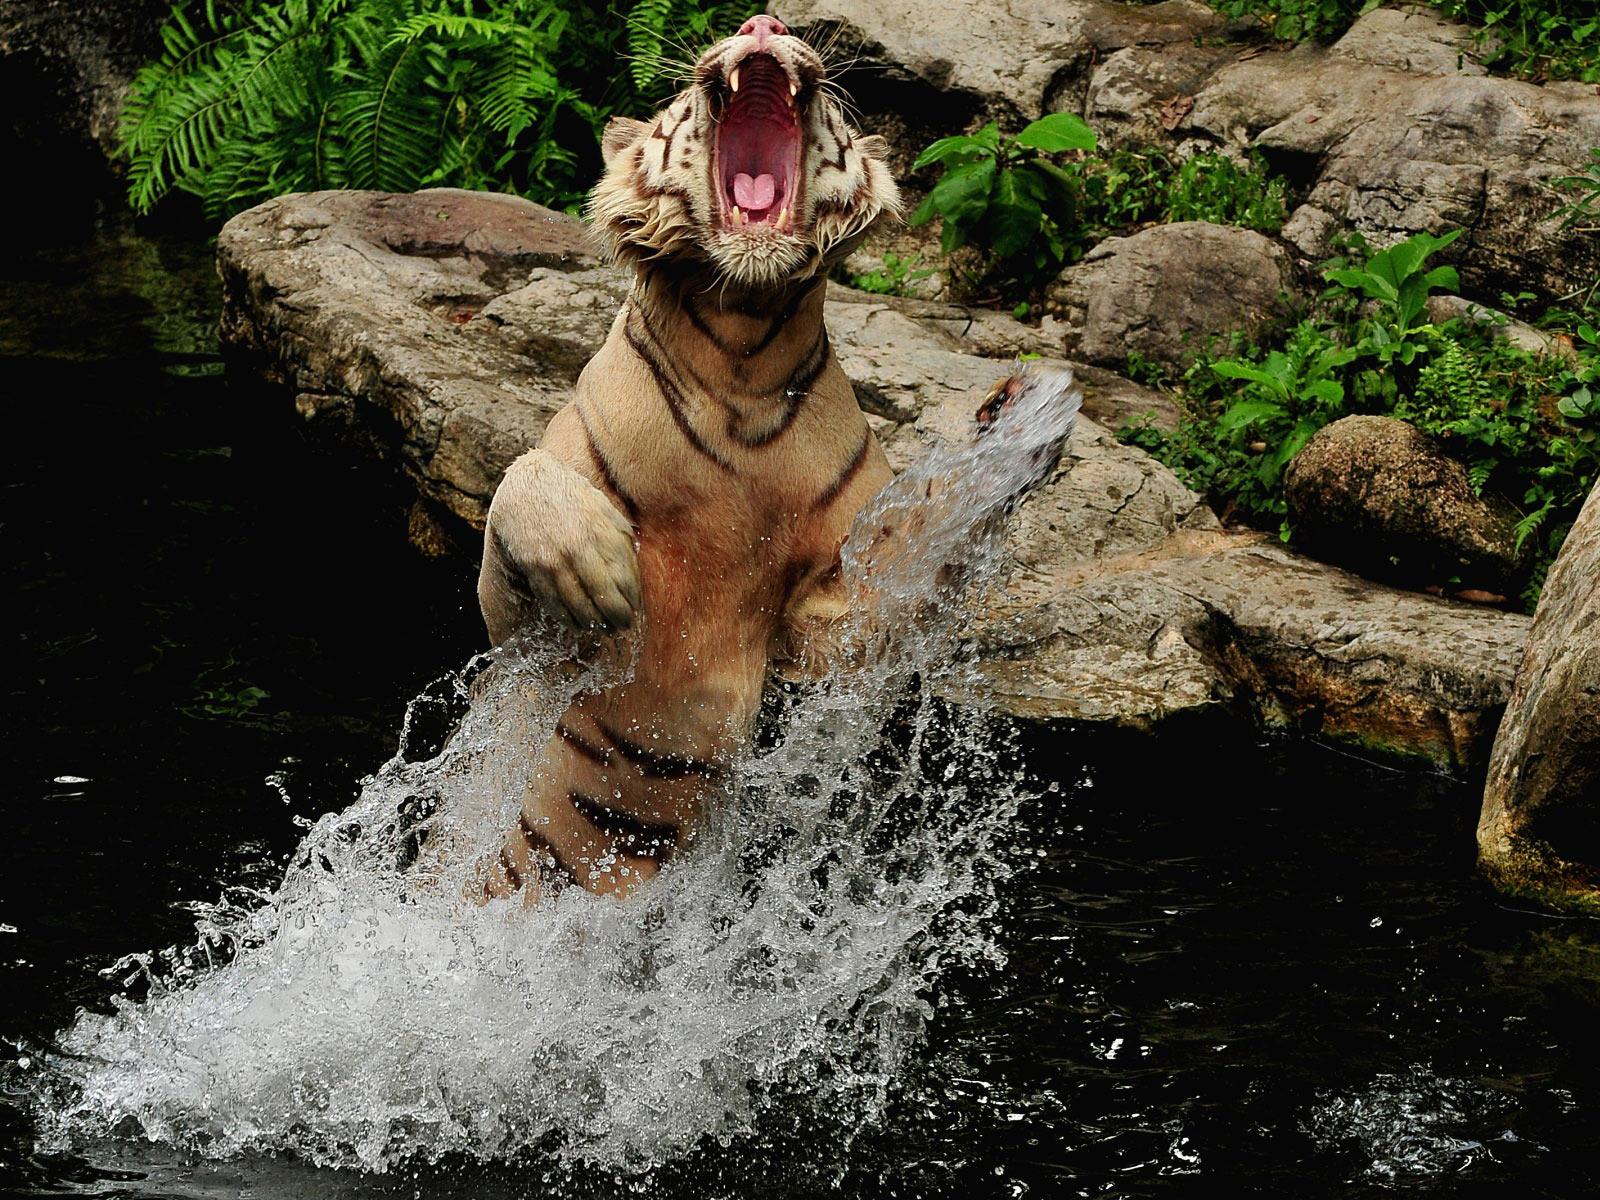 Tiger In Water Wallpaper Wallpapersafari